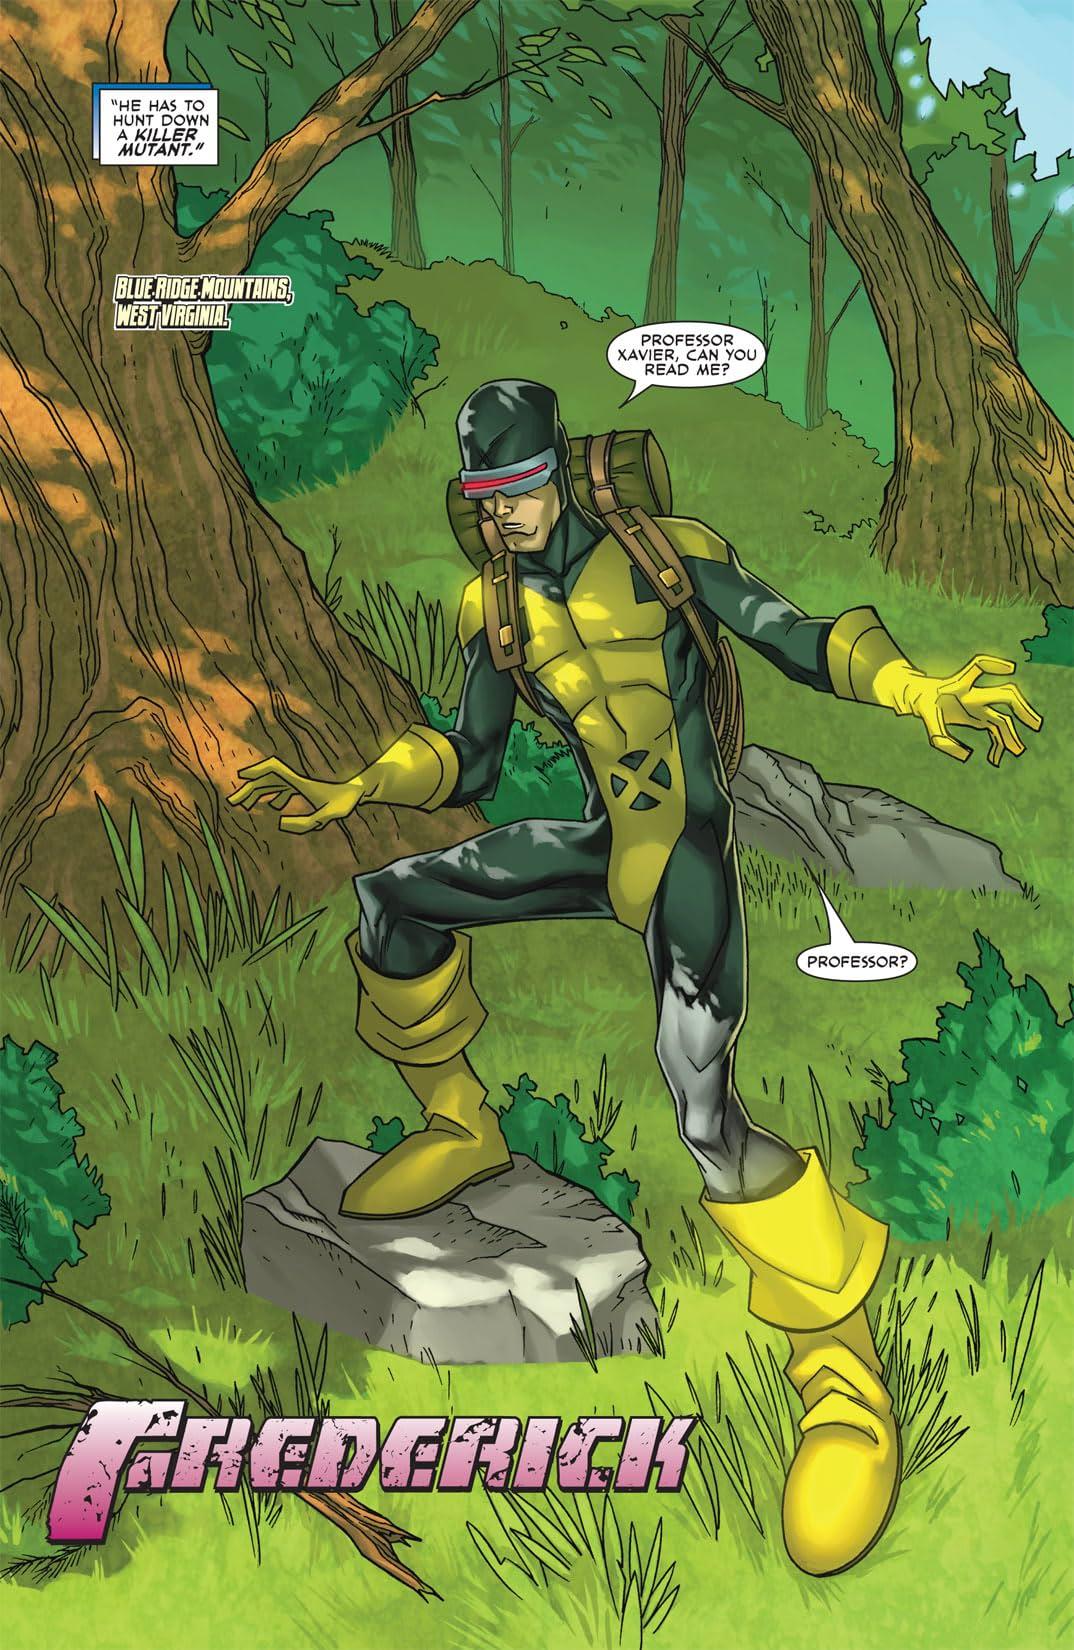 X-Men: First Class II #10